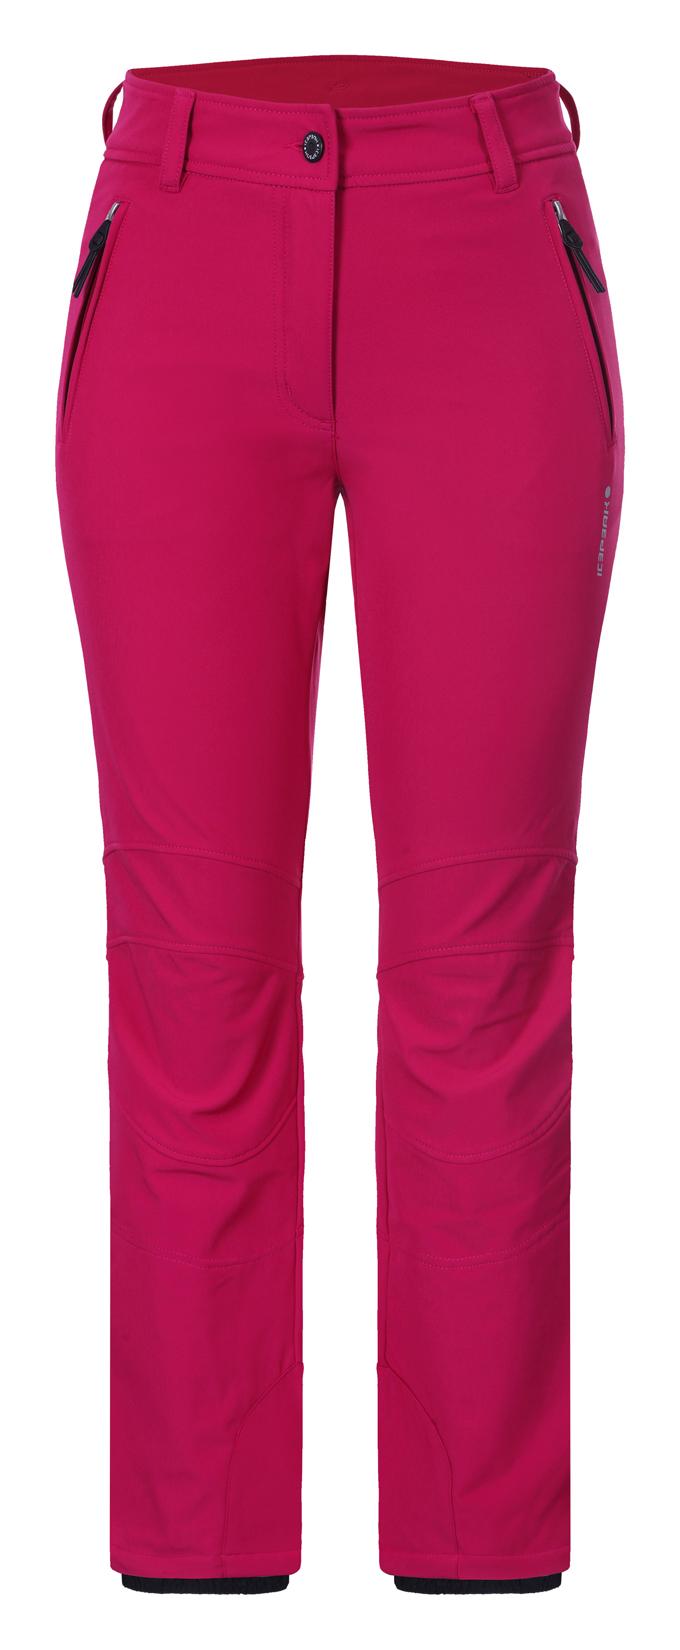 c541d81ba66e Dámske softshellové nohavice Icepeak Outi 54101-670 tm. ružové